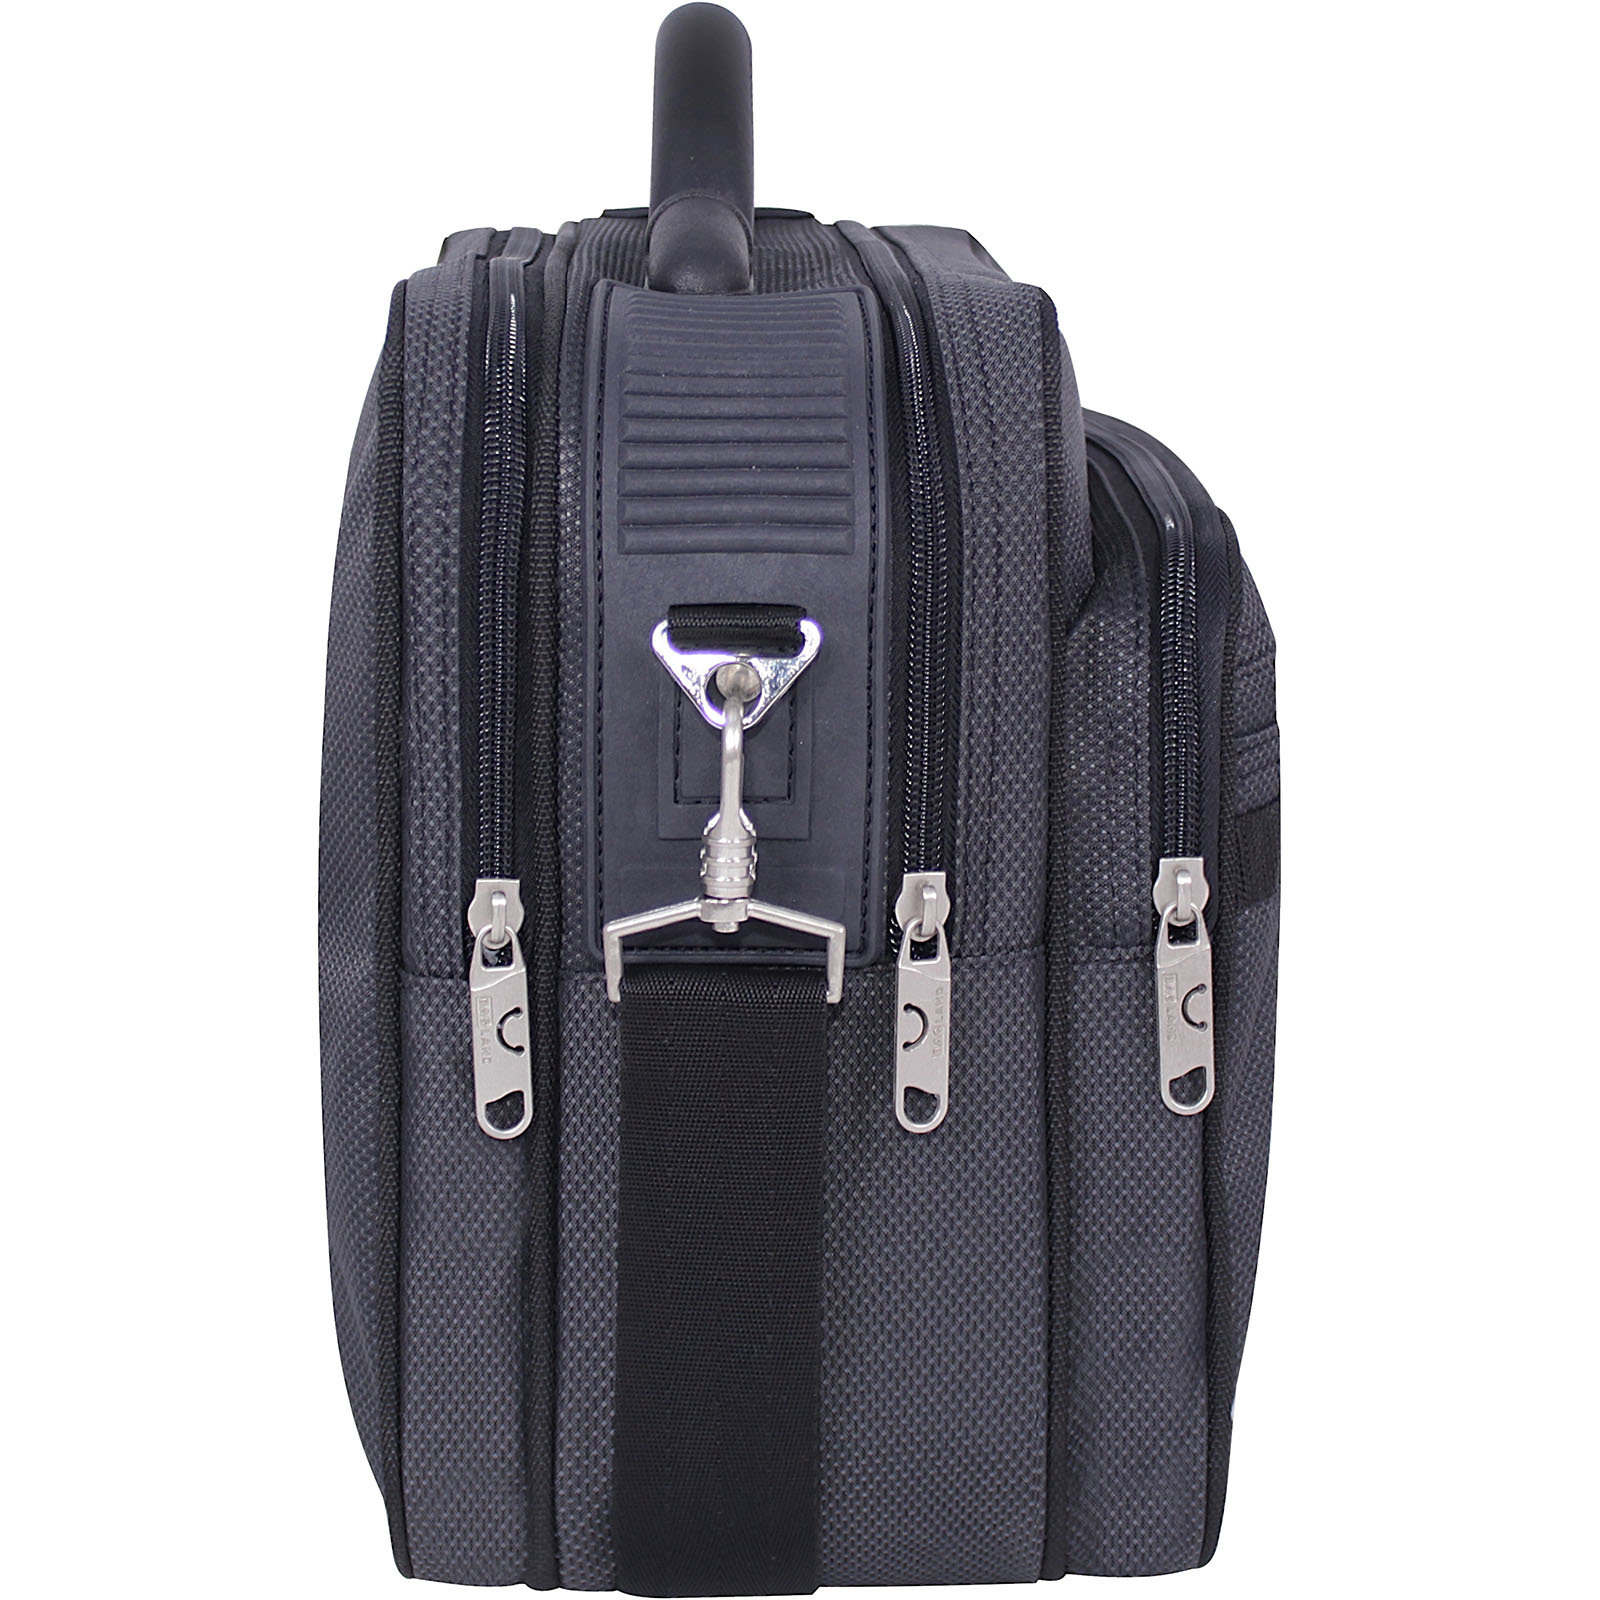 Мужская сумка Bagland Mr.Cool 15 л. Чёрный (00251169) фото 2